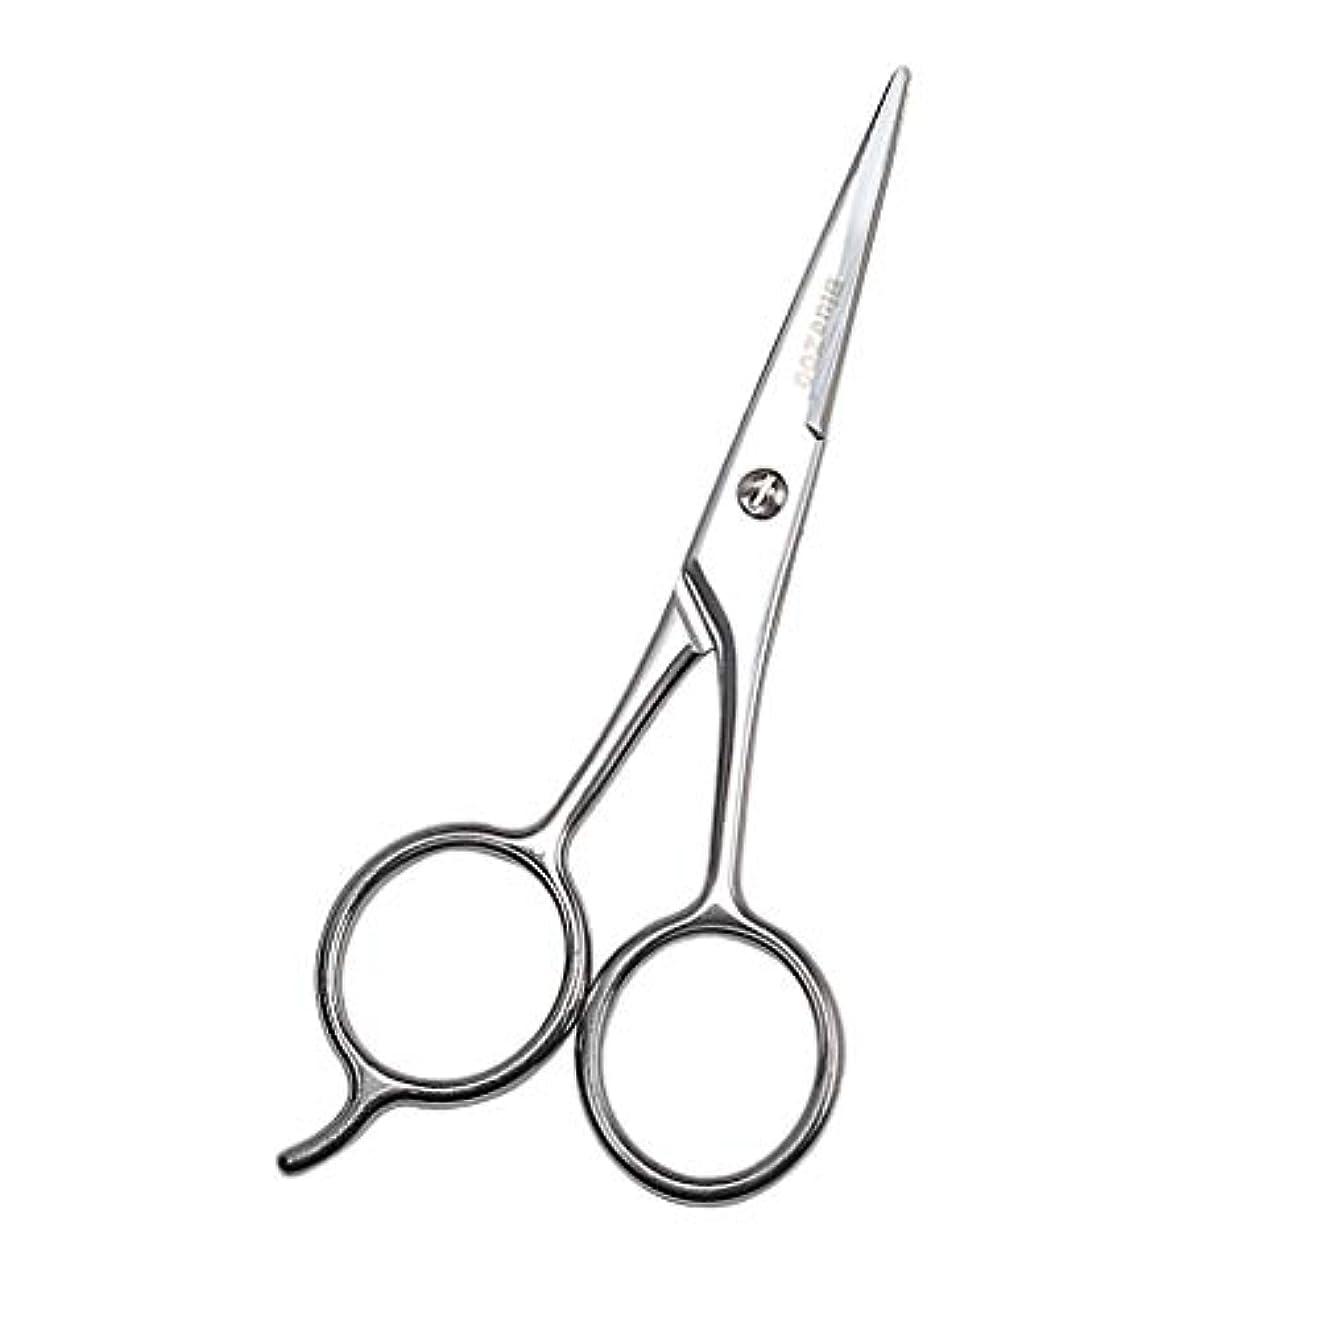 ディスク息を切らして不正確Baoblaze 小型ハサミ シザー 美容鋏 ステンレス 眉毛 鼻毛 まつげ 鋭い シルバー 13cm